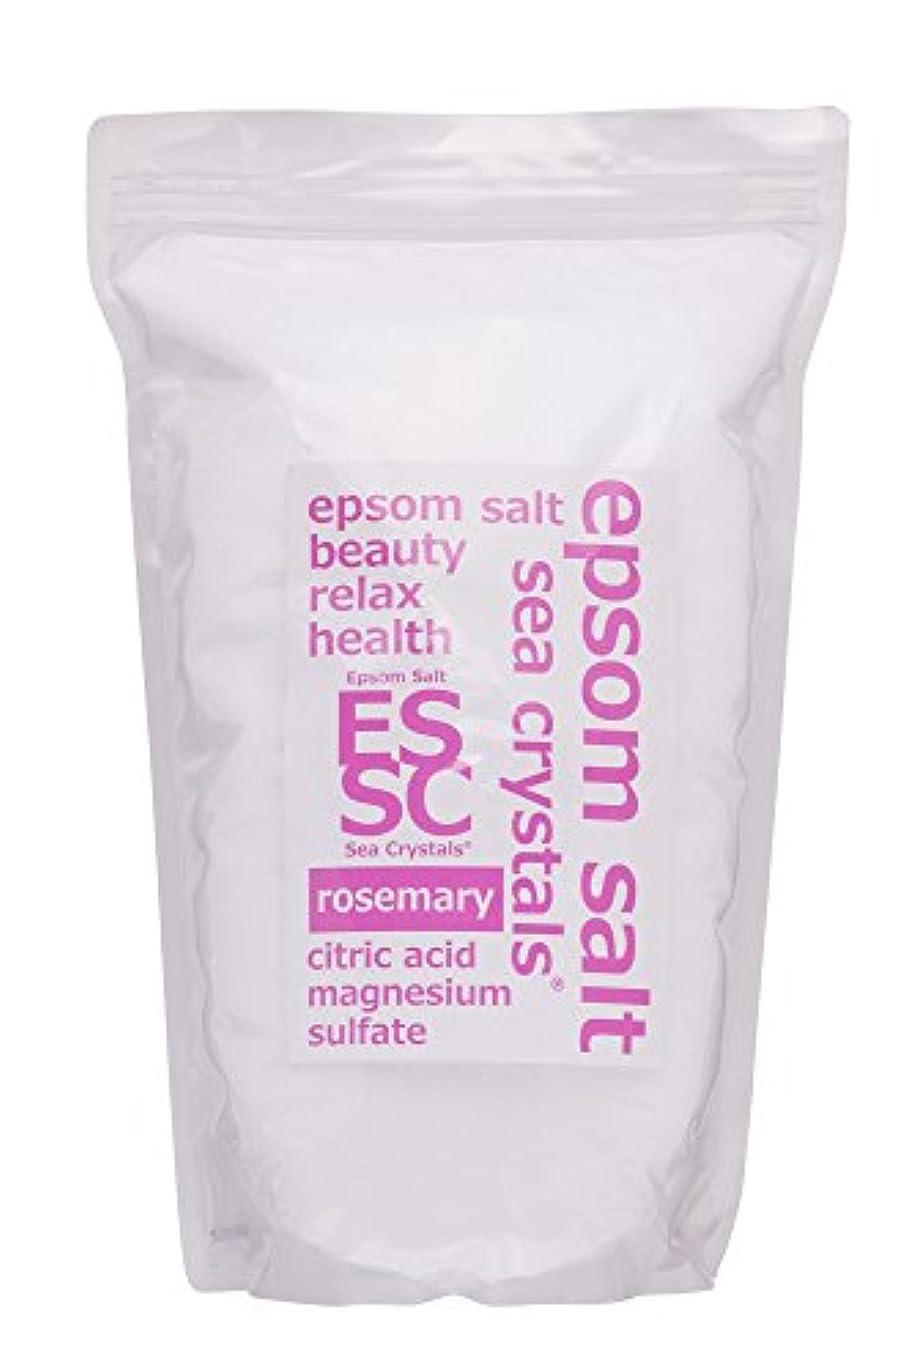 スカリー宴会ブラウザエプソムソルト ローズマリーの香り 2.2kg 入浴剤 (浴用化粧品)クエン酸配合 シークリスタルス 計量スプーン付